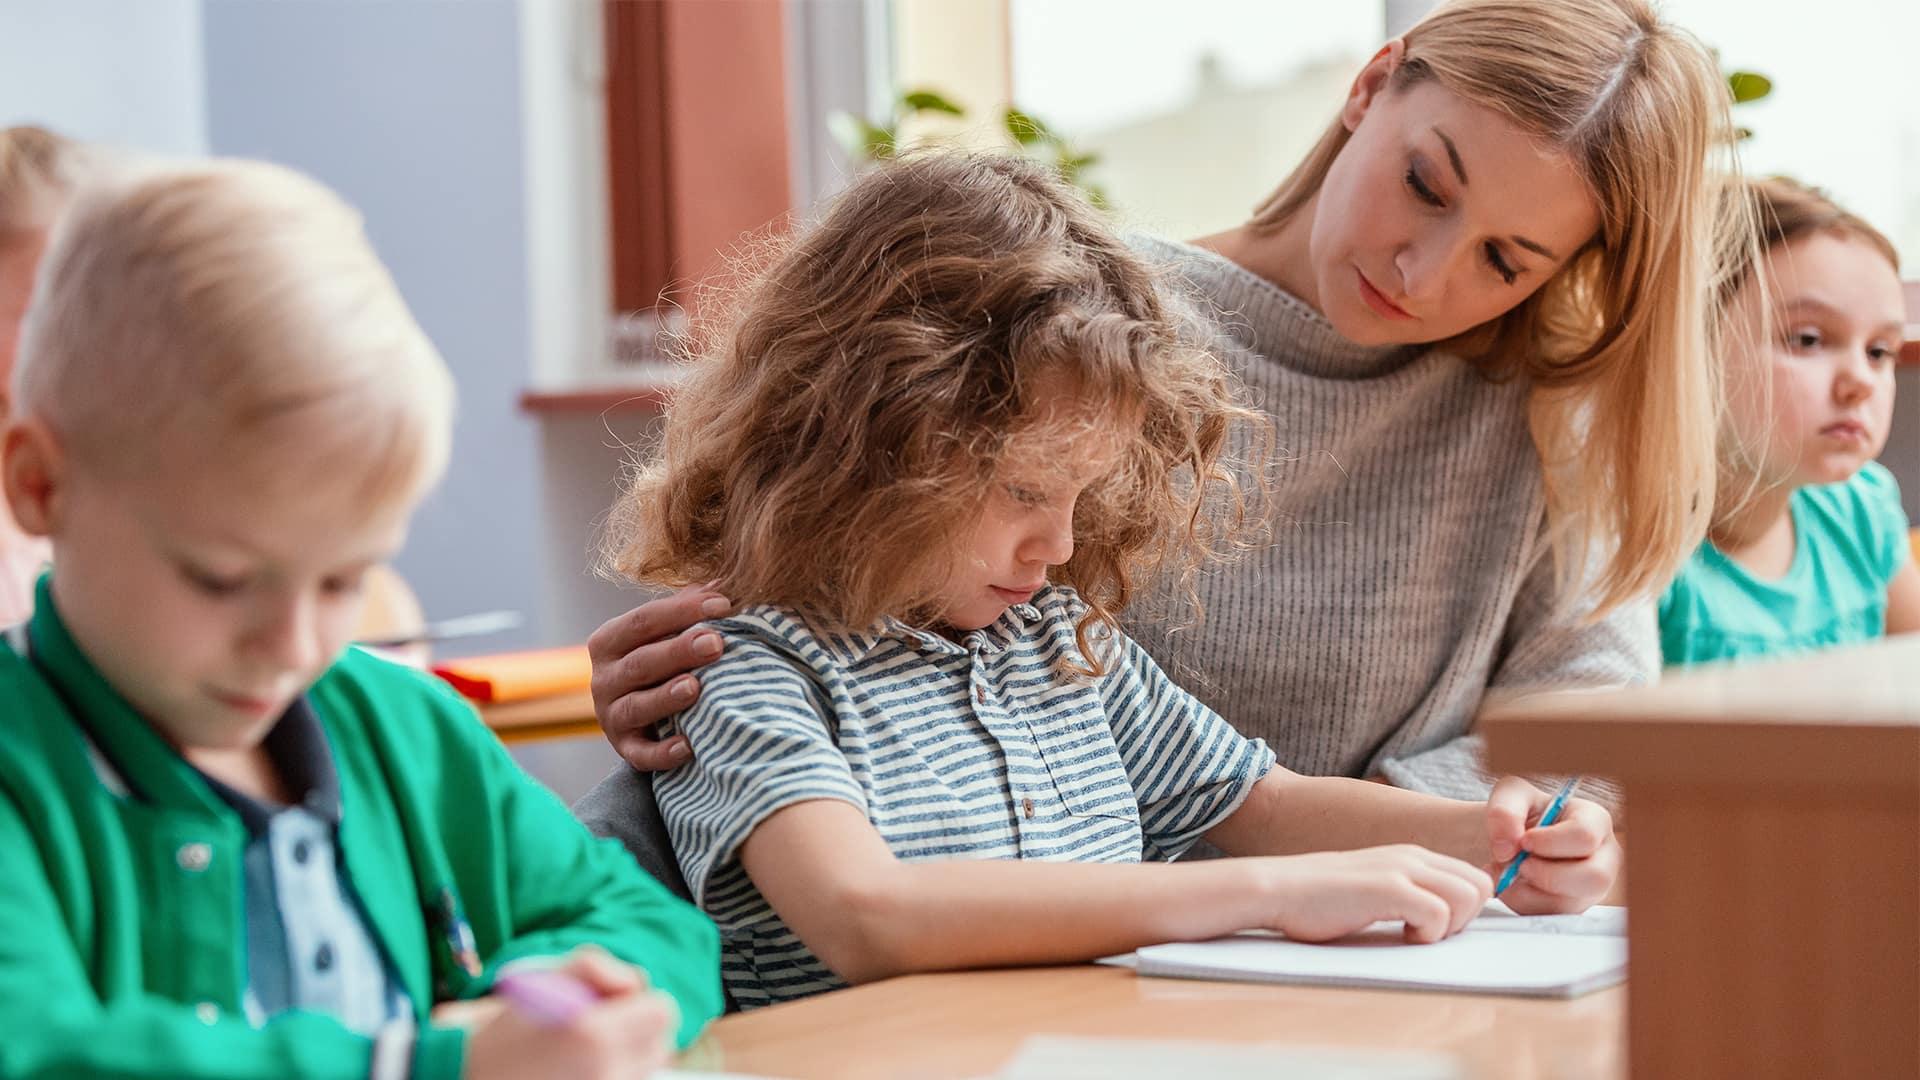 Емоційне вигоряння мами або чому так важливо відпочивати від дитини